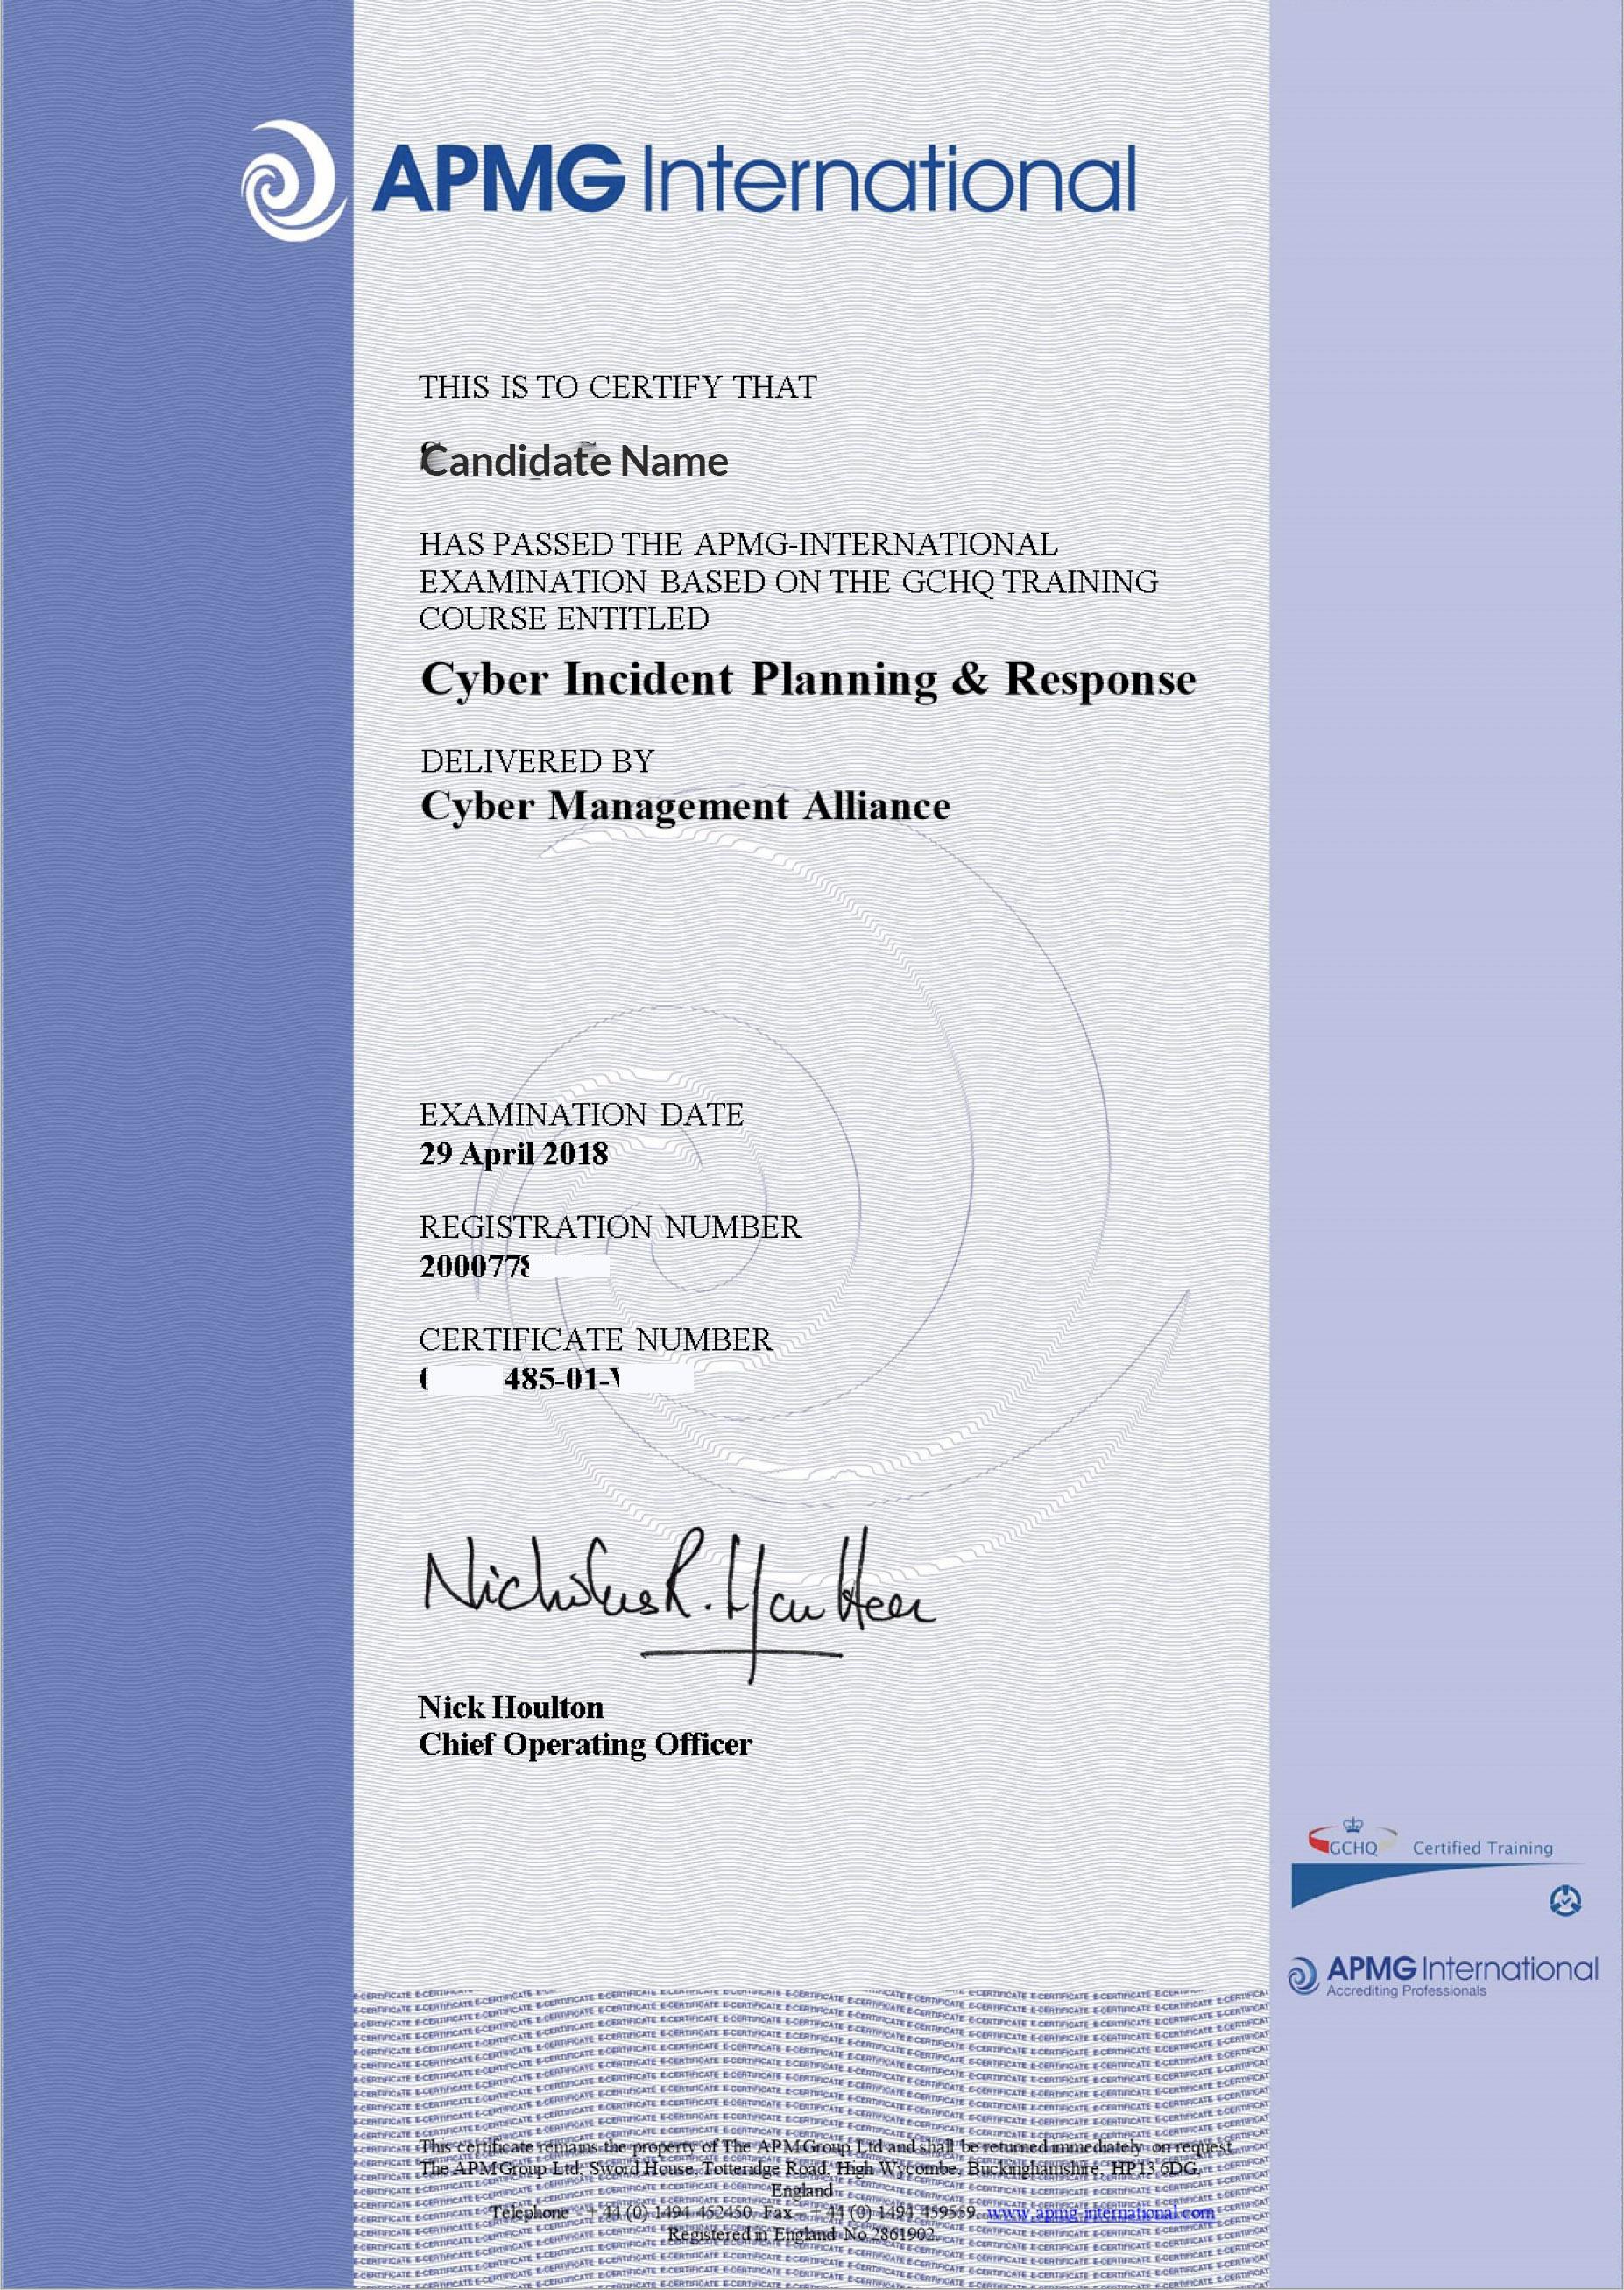 APMG Sample Exam Certificate-19